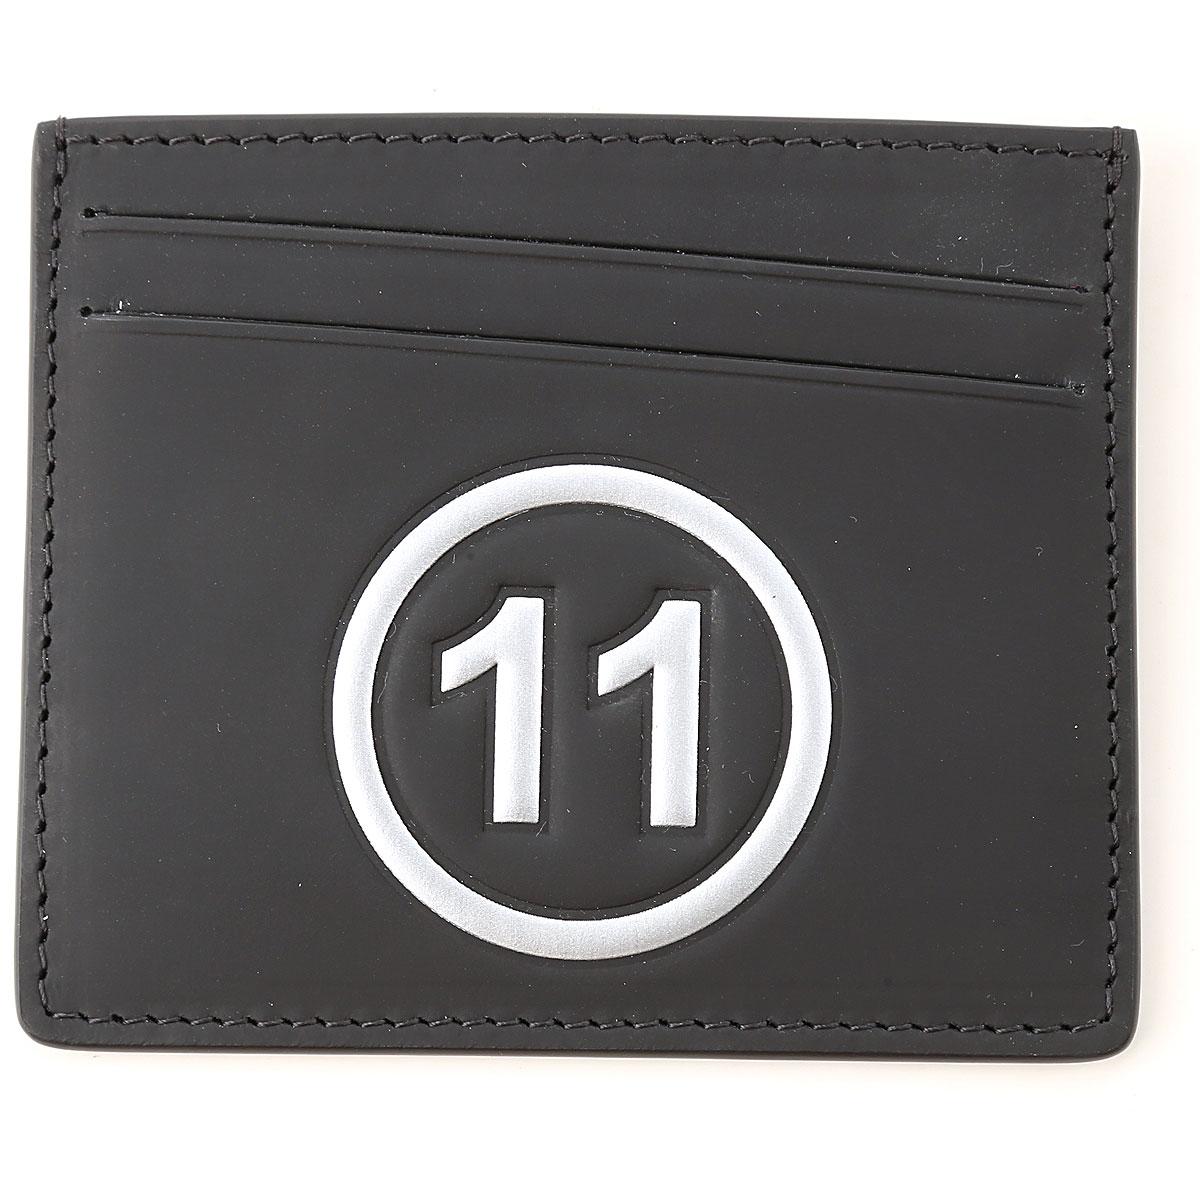 Maison Martin Margiela Card Holder for Men, Black, Leather, 2019